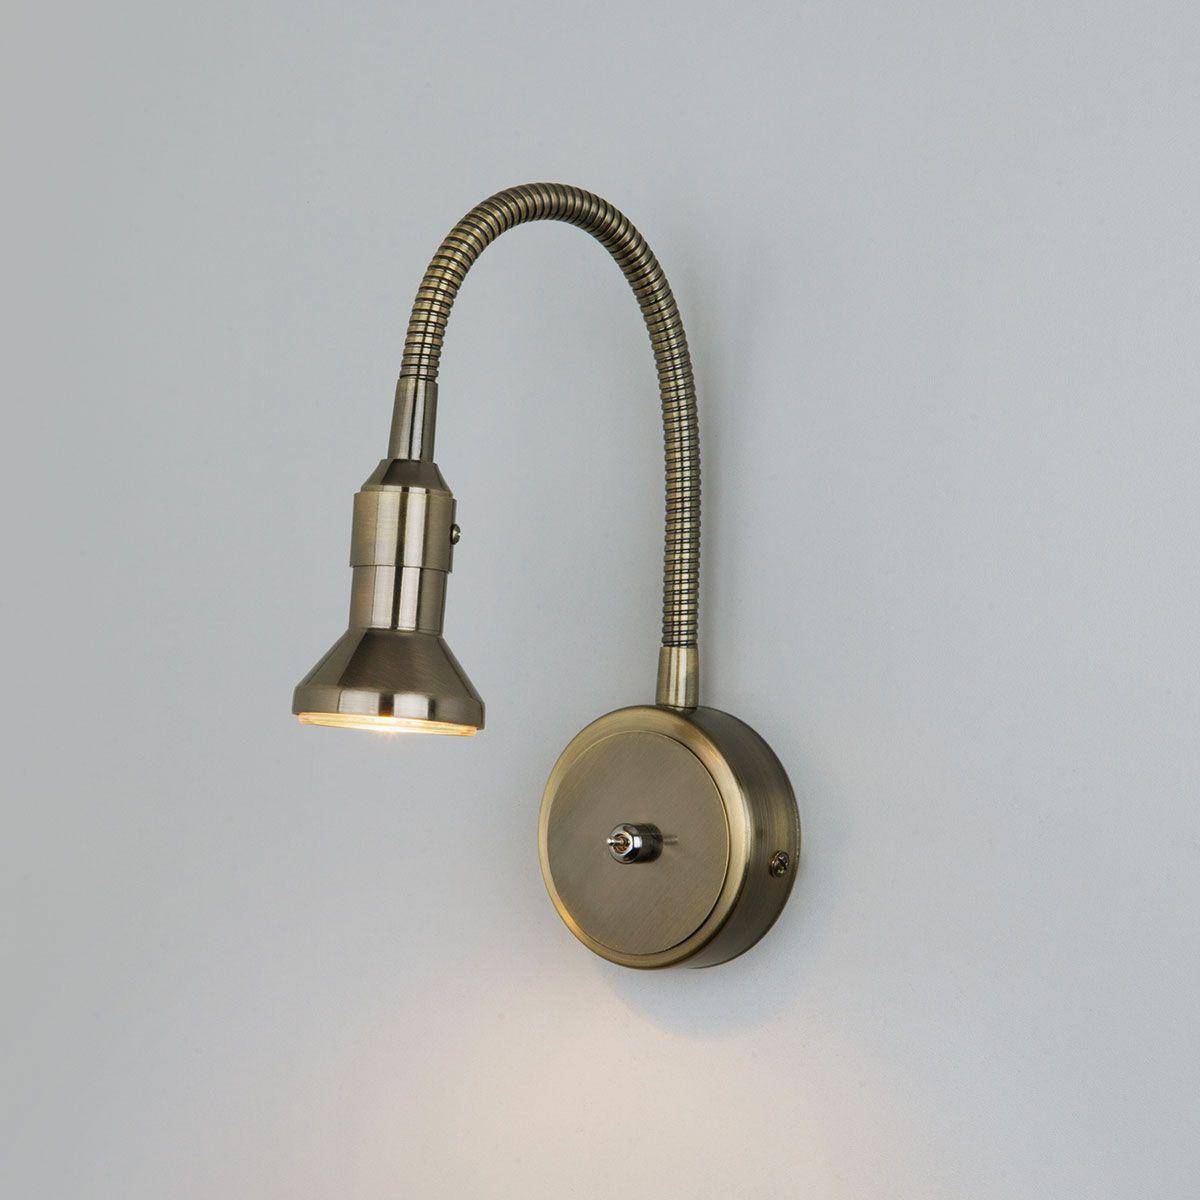 Настенный светильник с гибким корпусом Plica 1215 MR16 бронза / золото